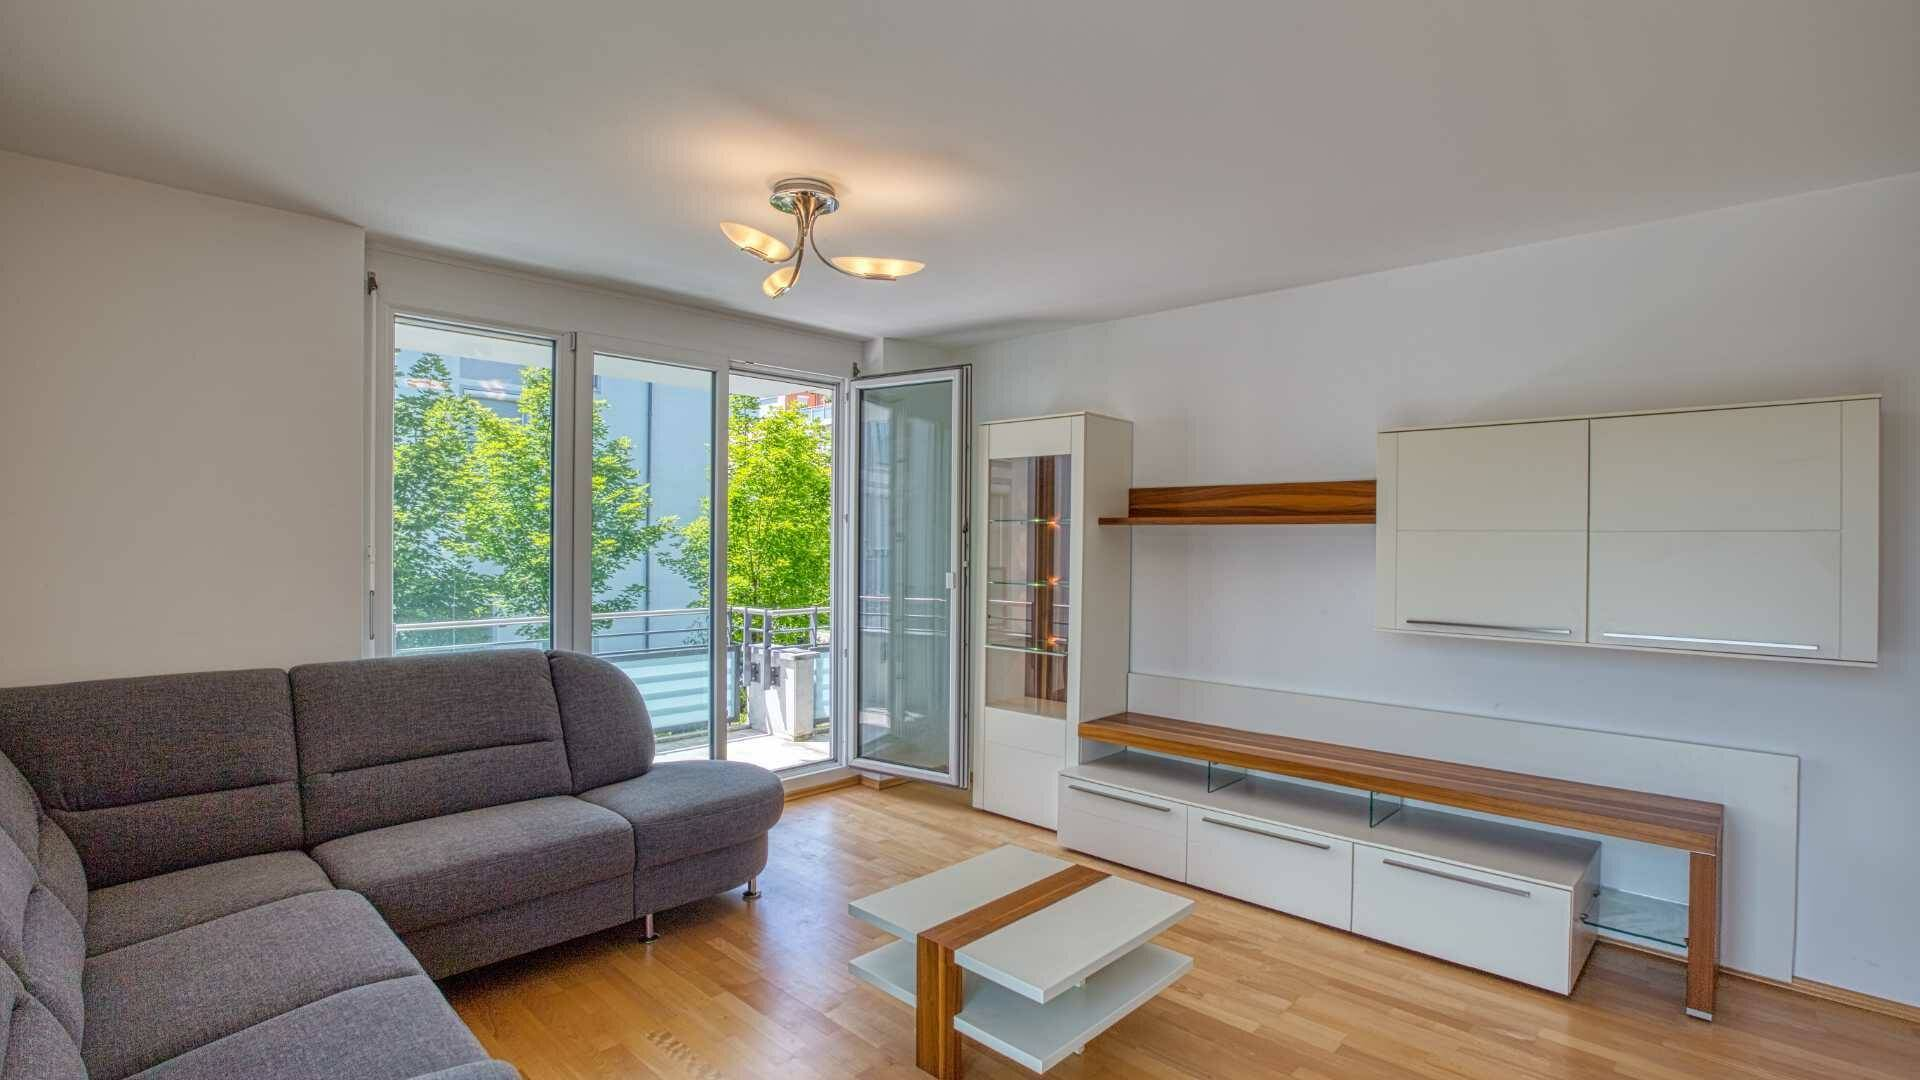 Bogenhausen Wohnung mieten Wohnzimmer